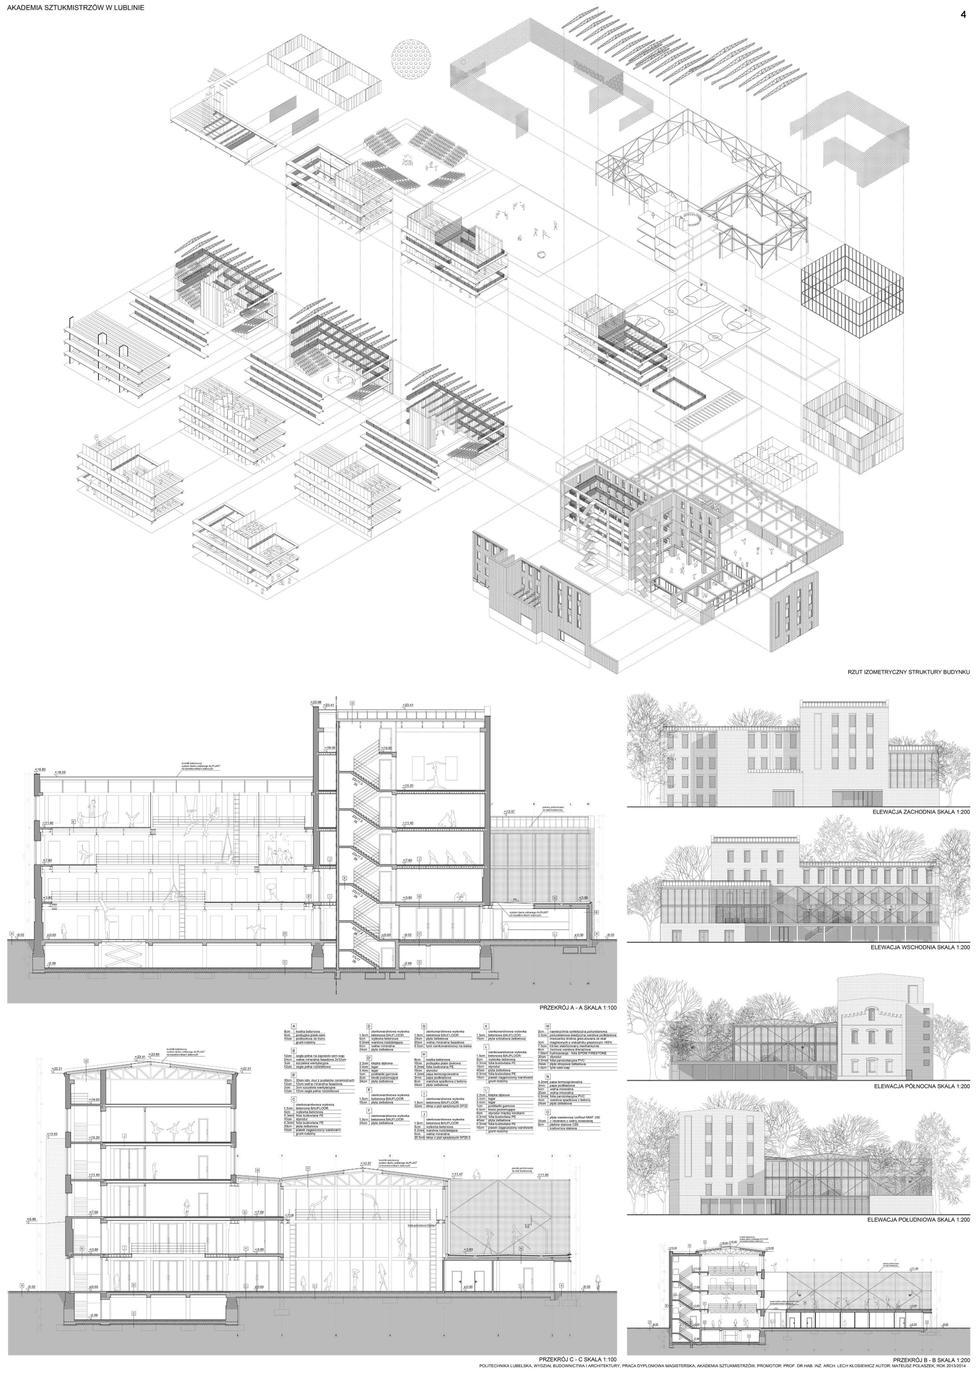 Nagroda Architektoniczna im. Małgorzaty Baczko i Piotra Zakrzewskiego